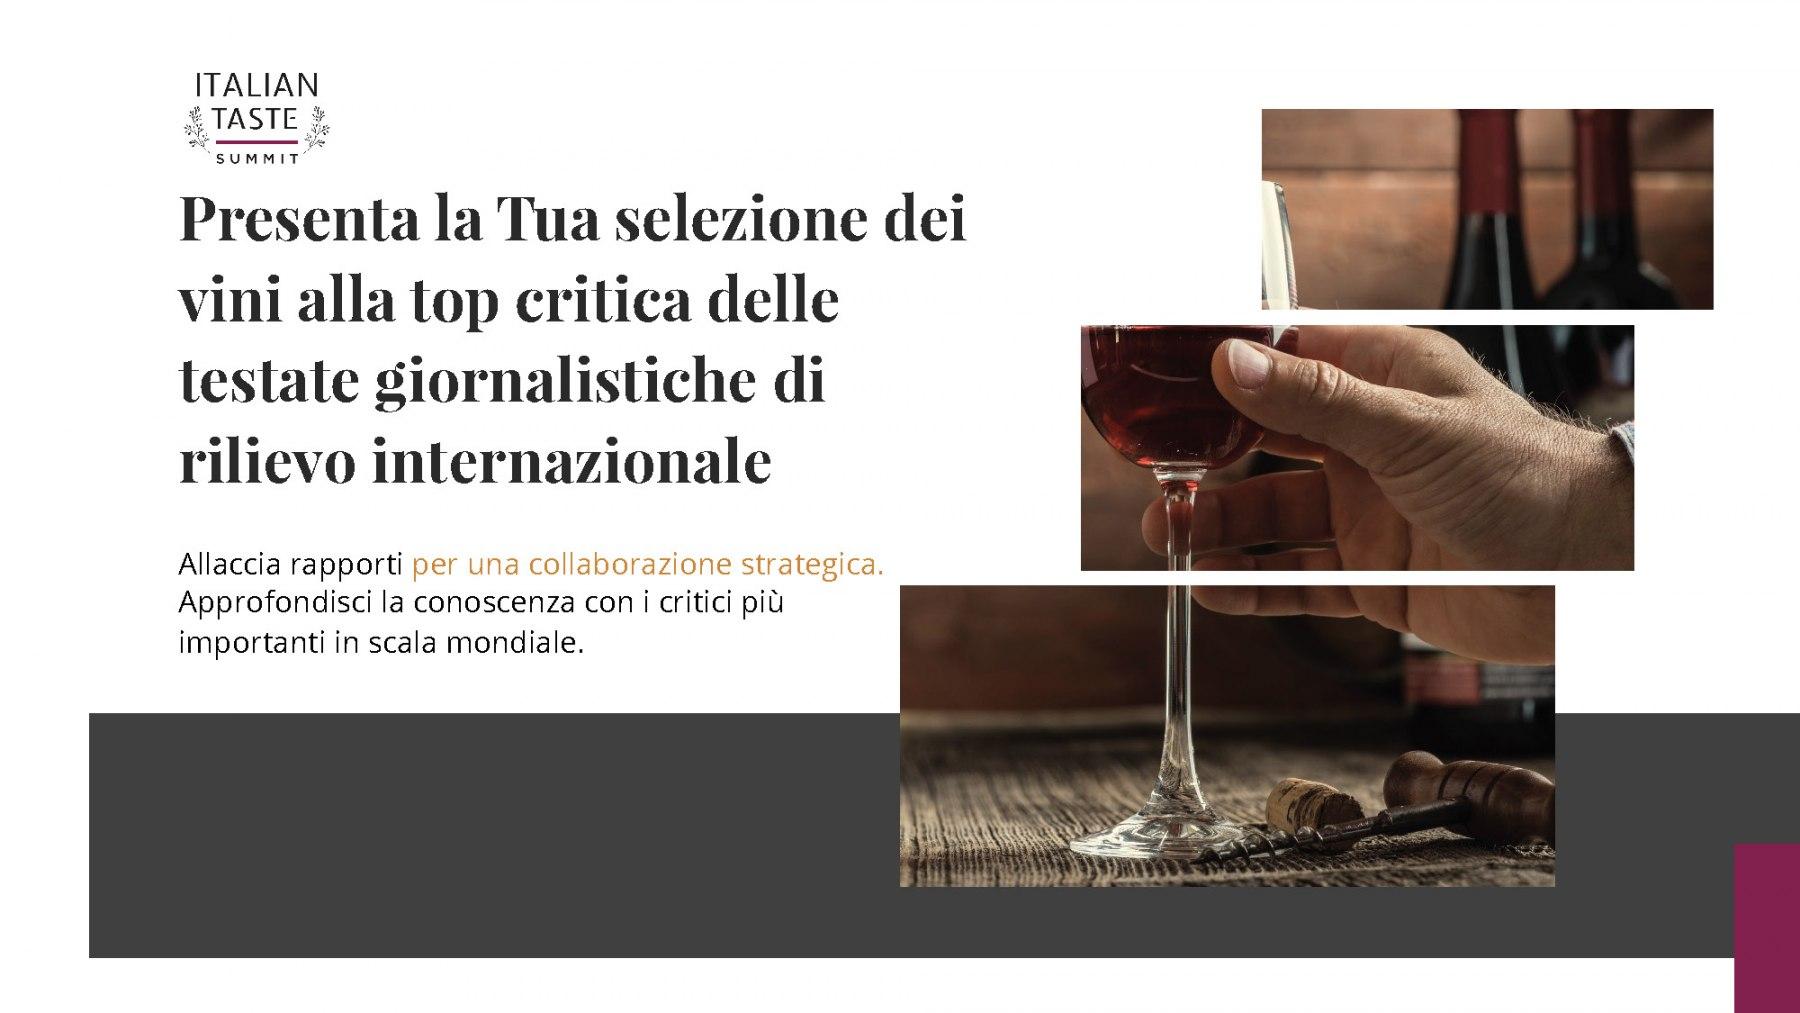 Italian-Taste-Summit-IT-2020_03